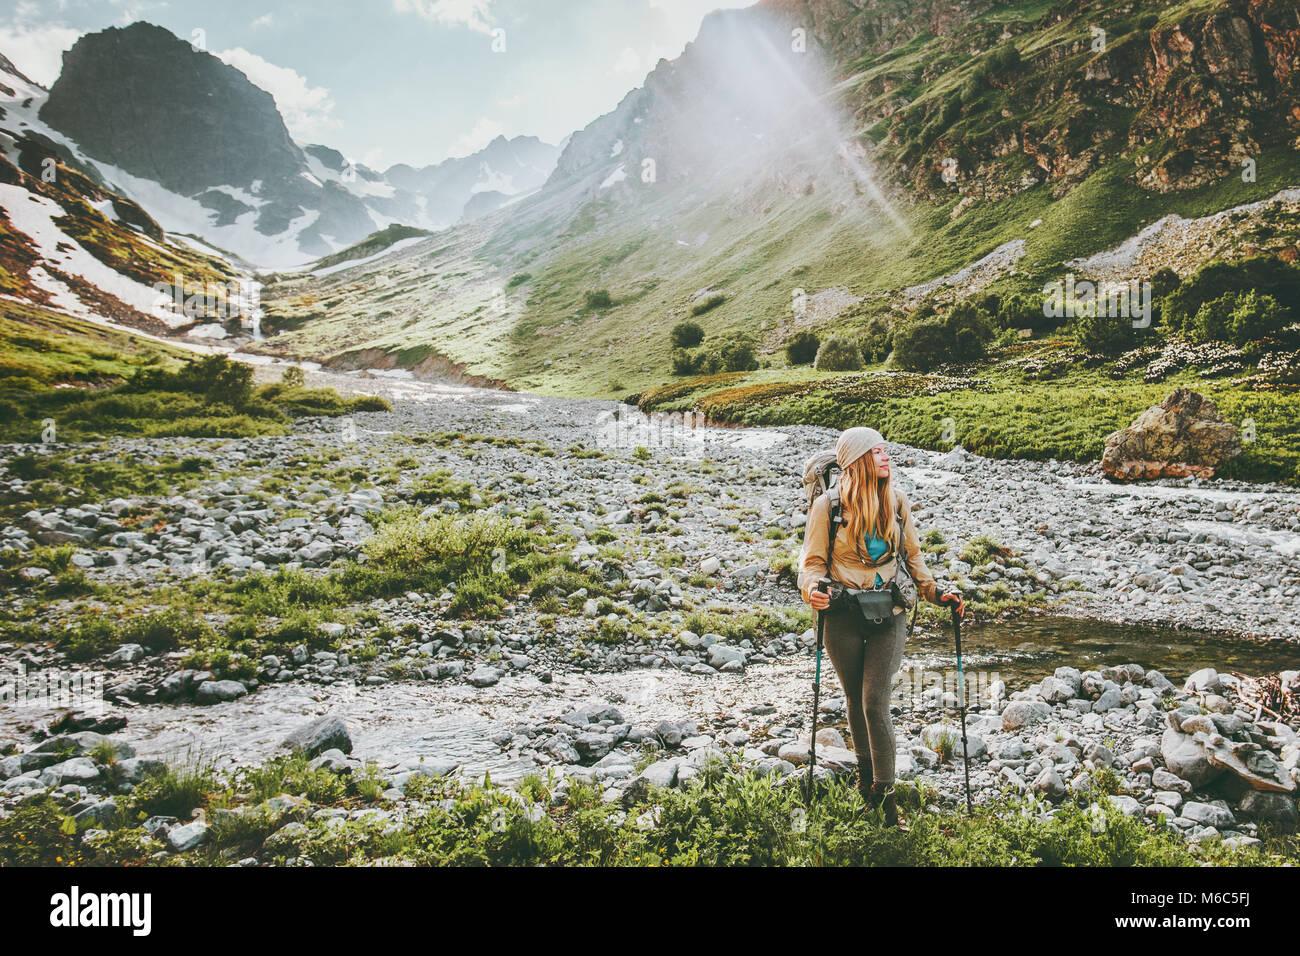 Mujer backpacker senderismo en las montañas Adventure Travel concepto de estilo de vida activo vacaciones de Imagen De Stock